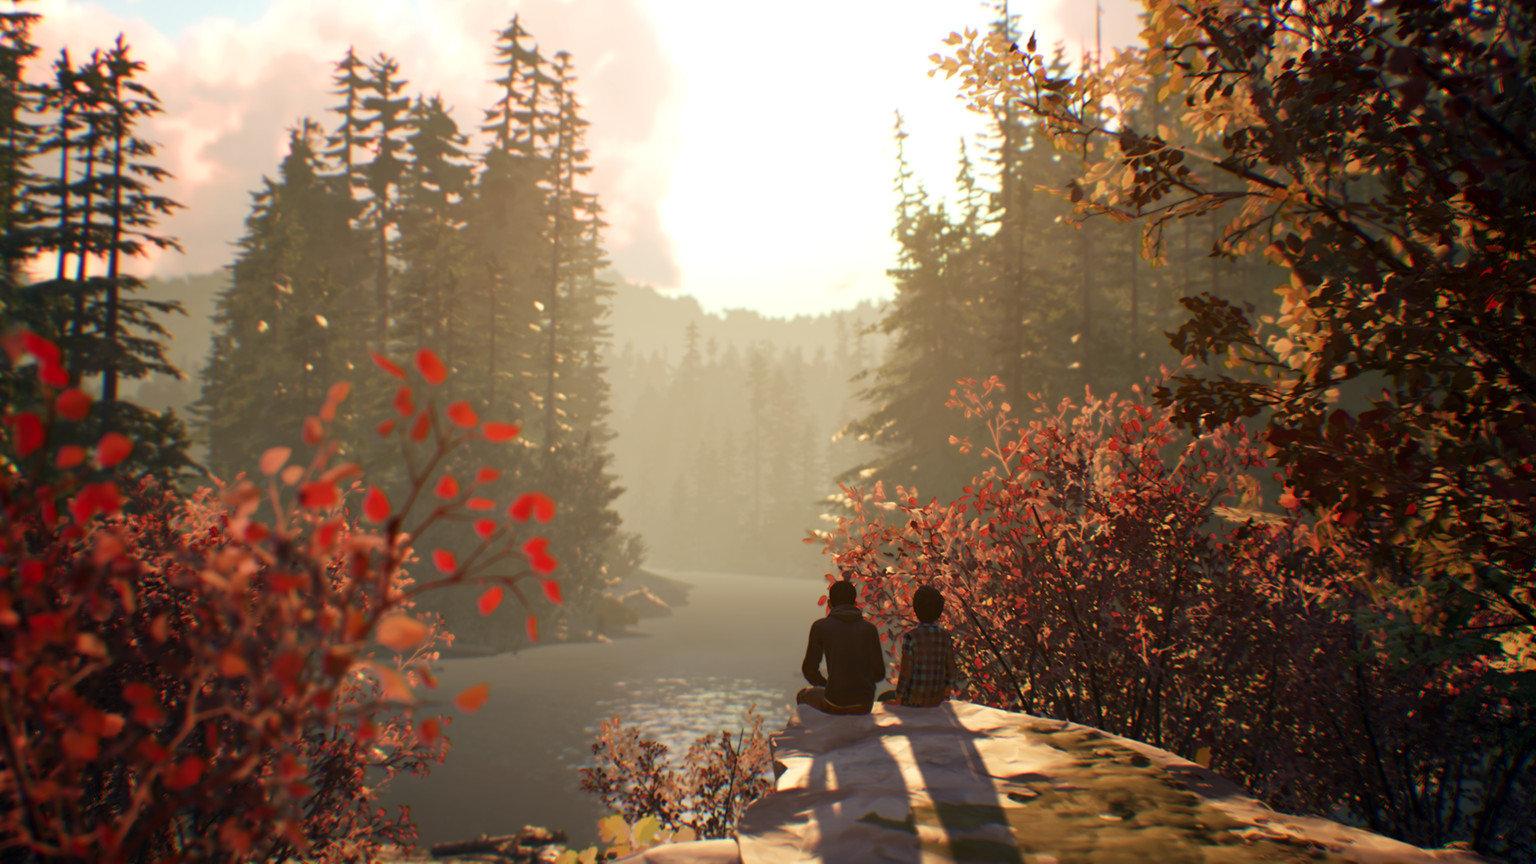 Life is Strange 2 isn't gone-ja, it's reeferning in a couple weeks screenshot